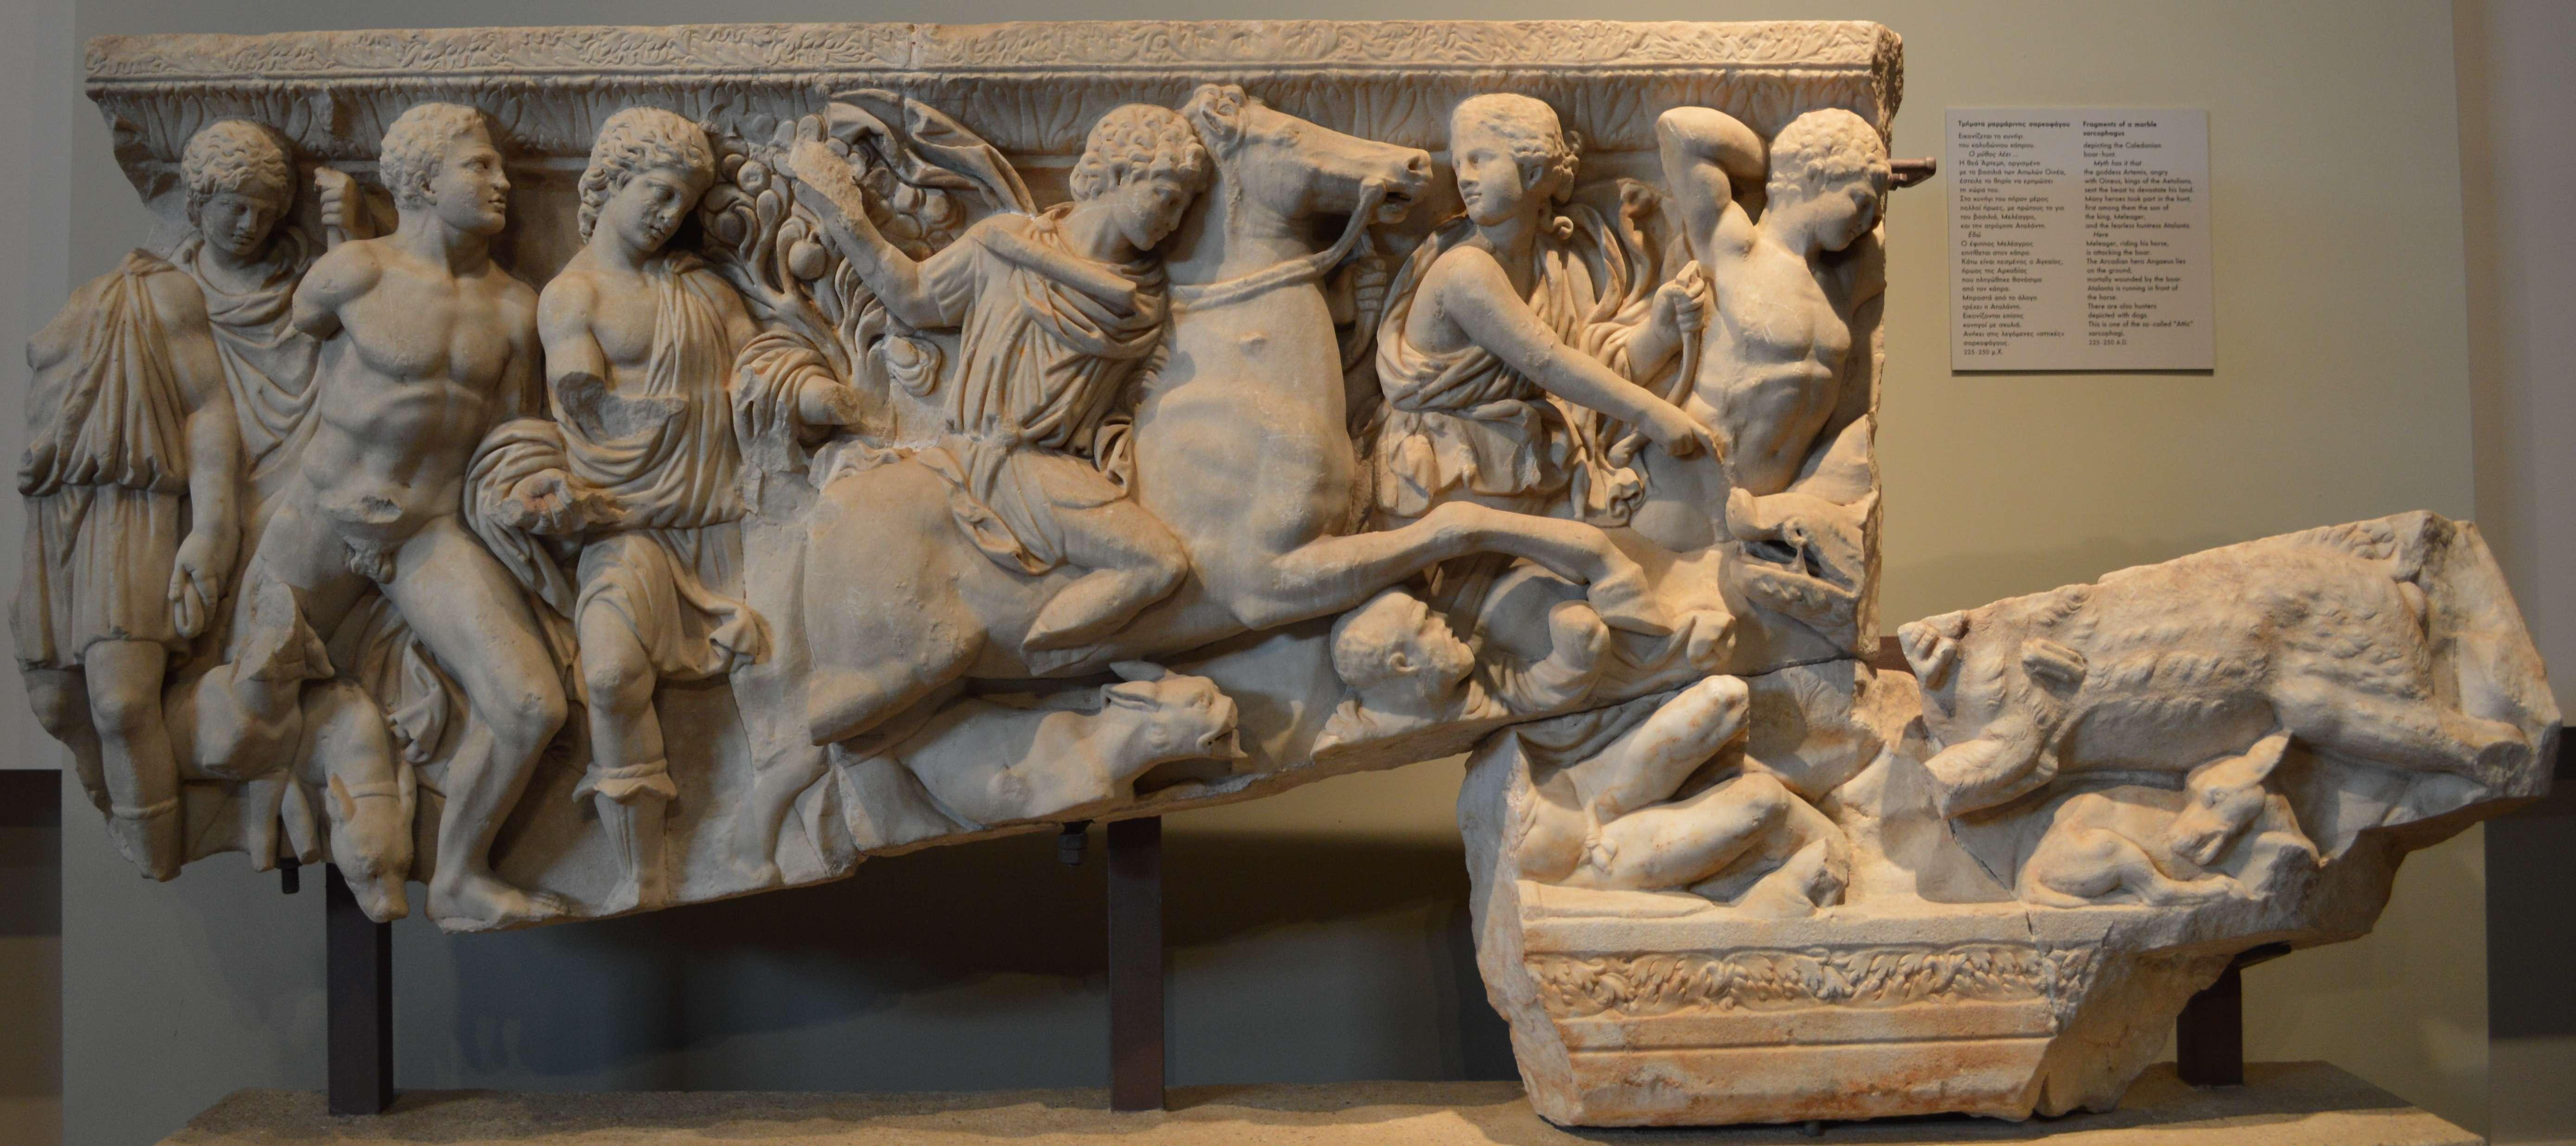 Μαρμάρινη σαρκοφάγος, 3ος αιώνας μ. Χ. Αρχαιολογικό Μουσείο Θεσσαλονίκης